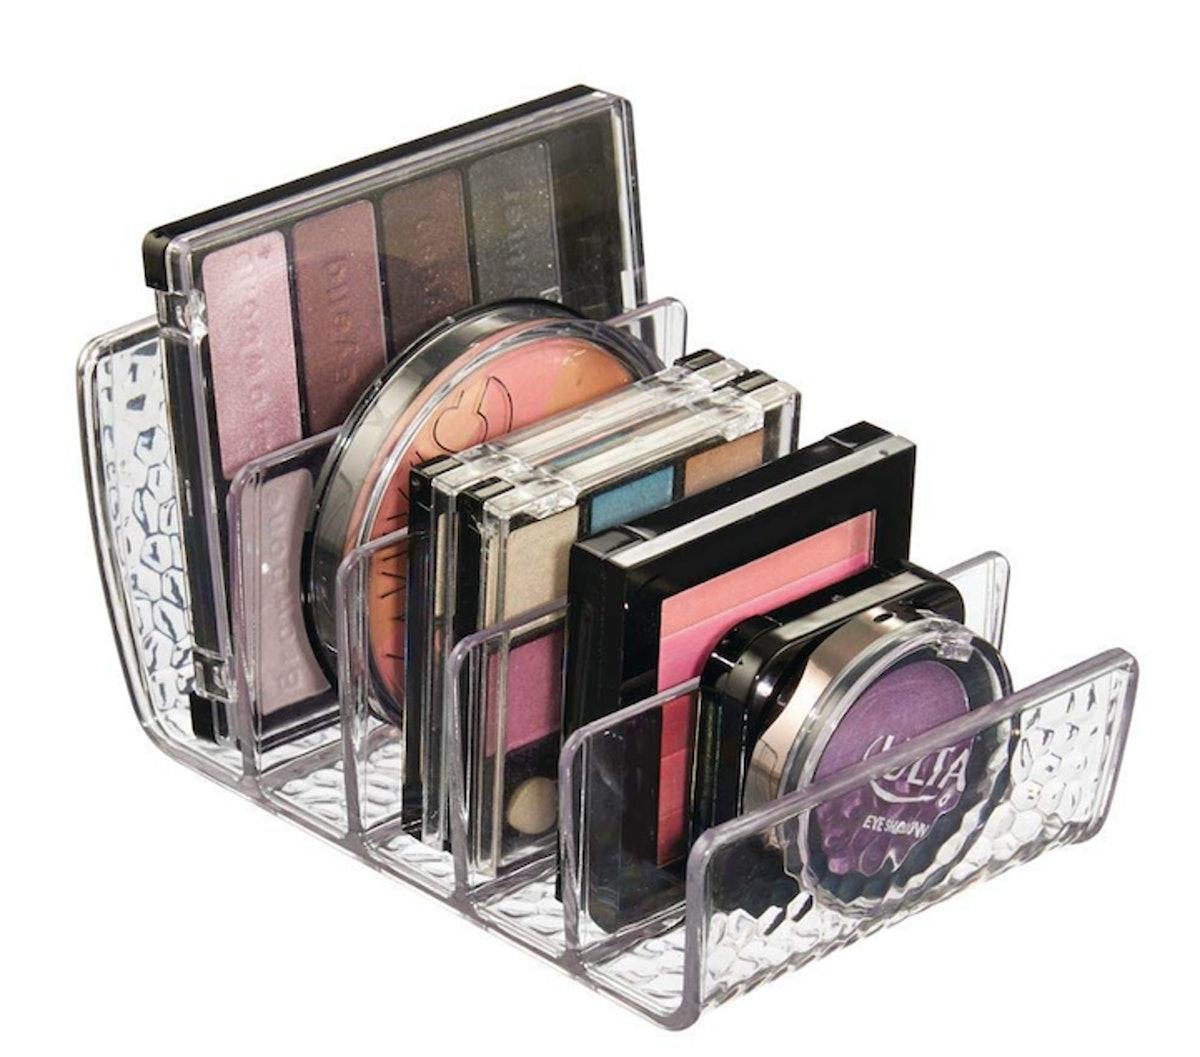 InterDesign Cosmetics Palette Organizer